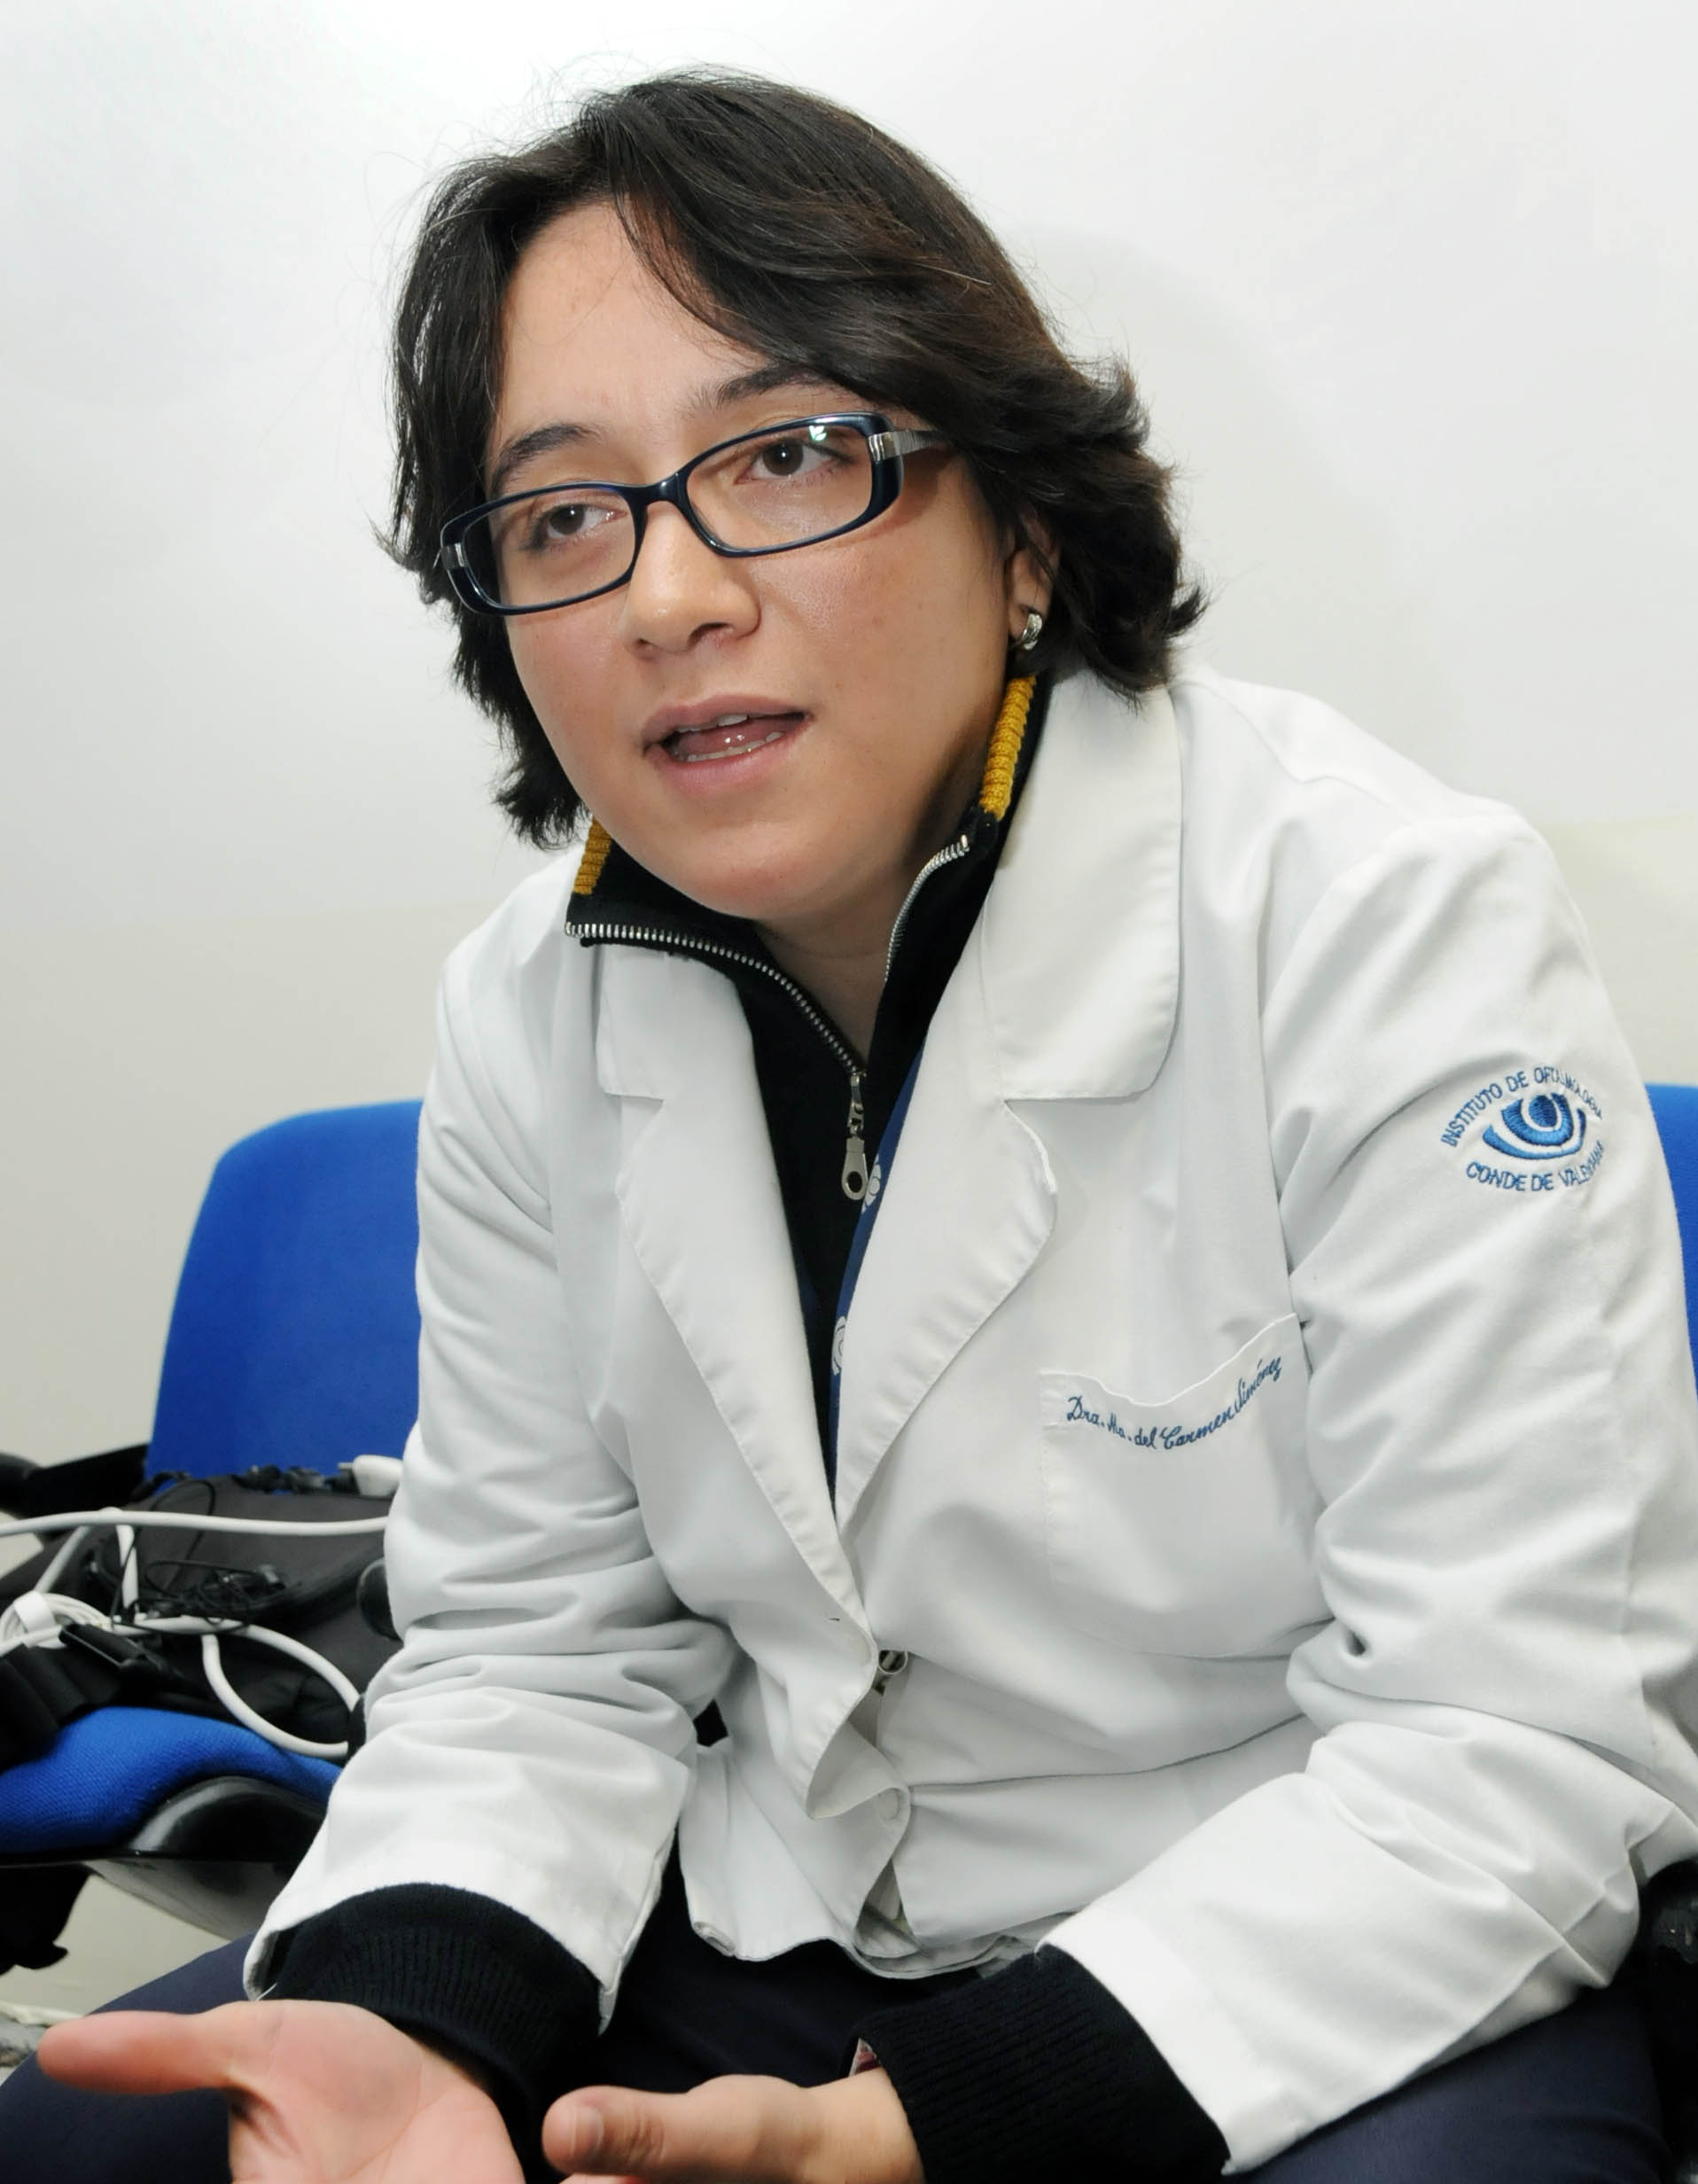 Maria del Carmen Jimenez Martinez